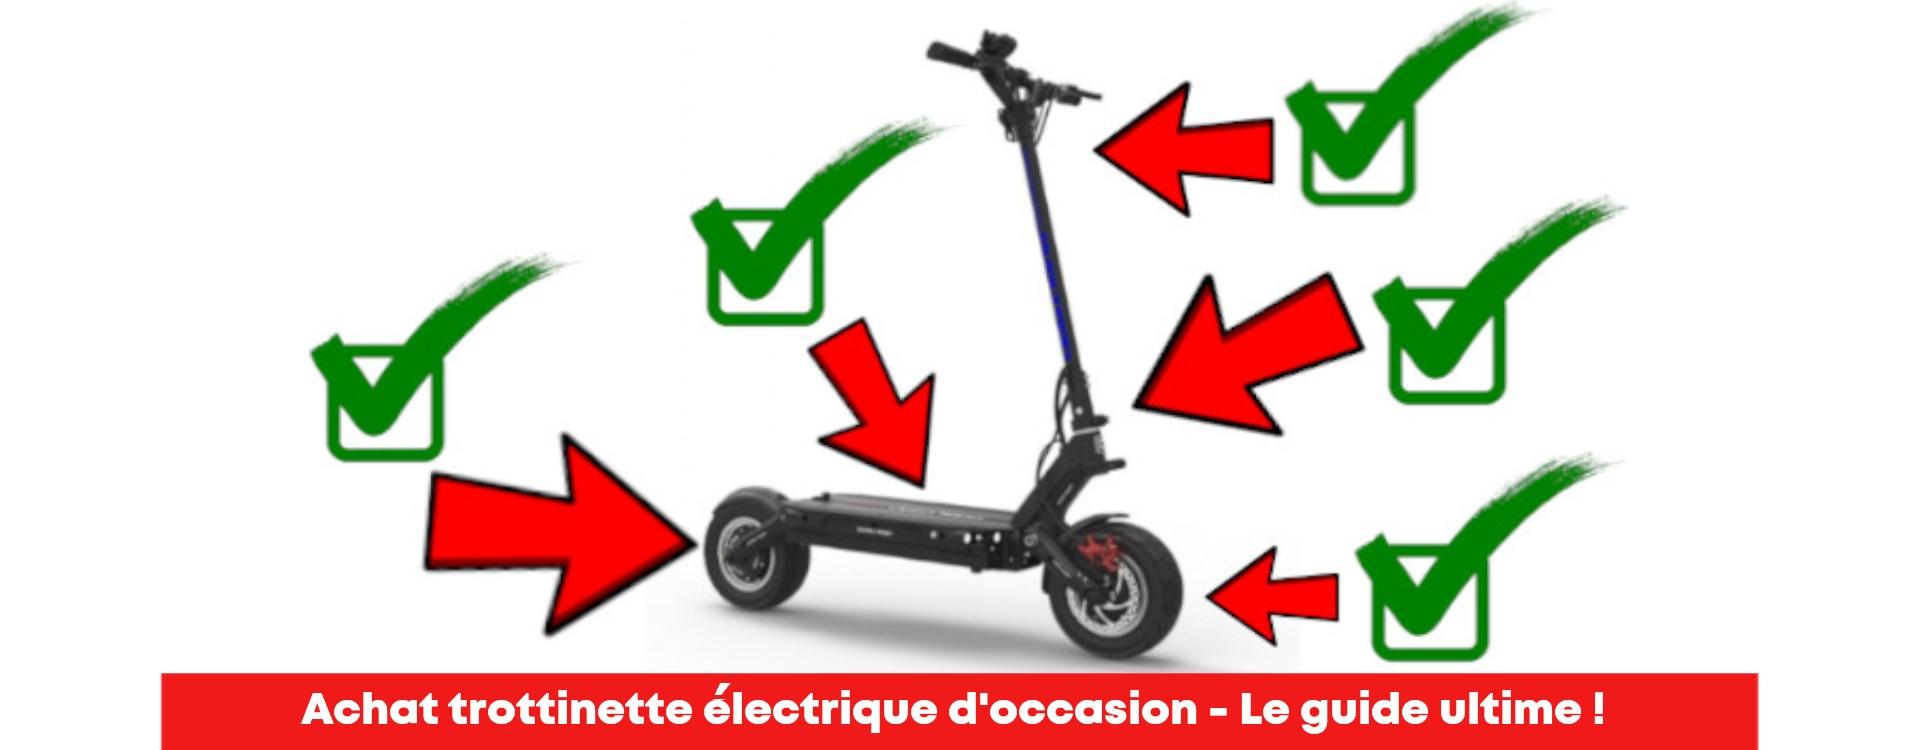 Trottinette électrique occasion - Tout savoir avant d'acheter !